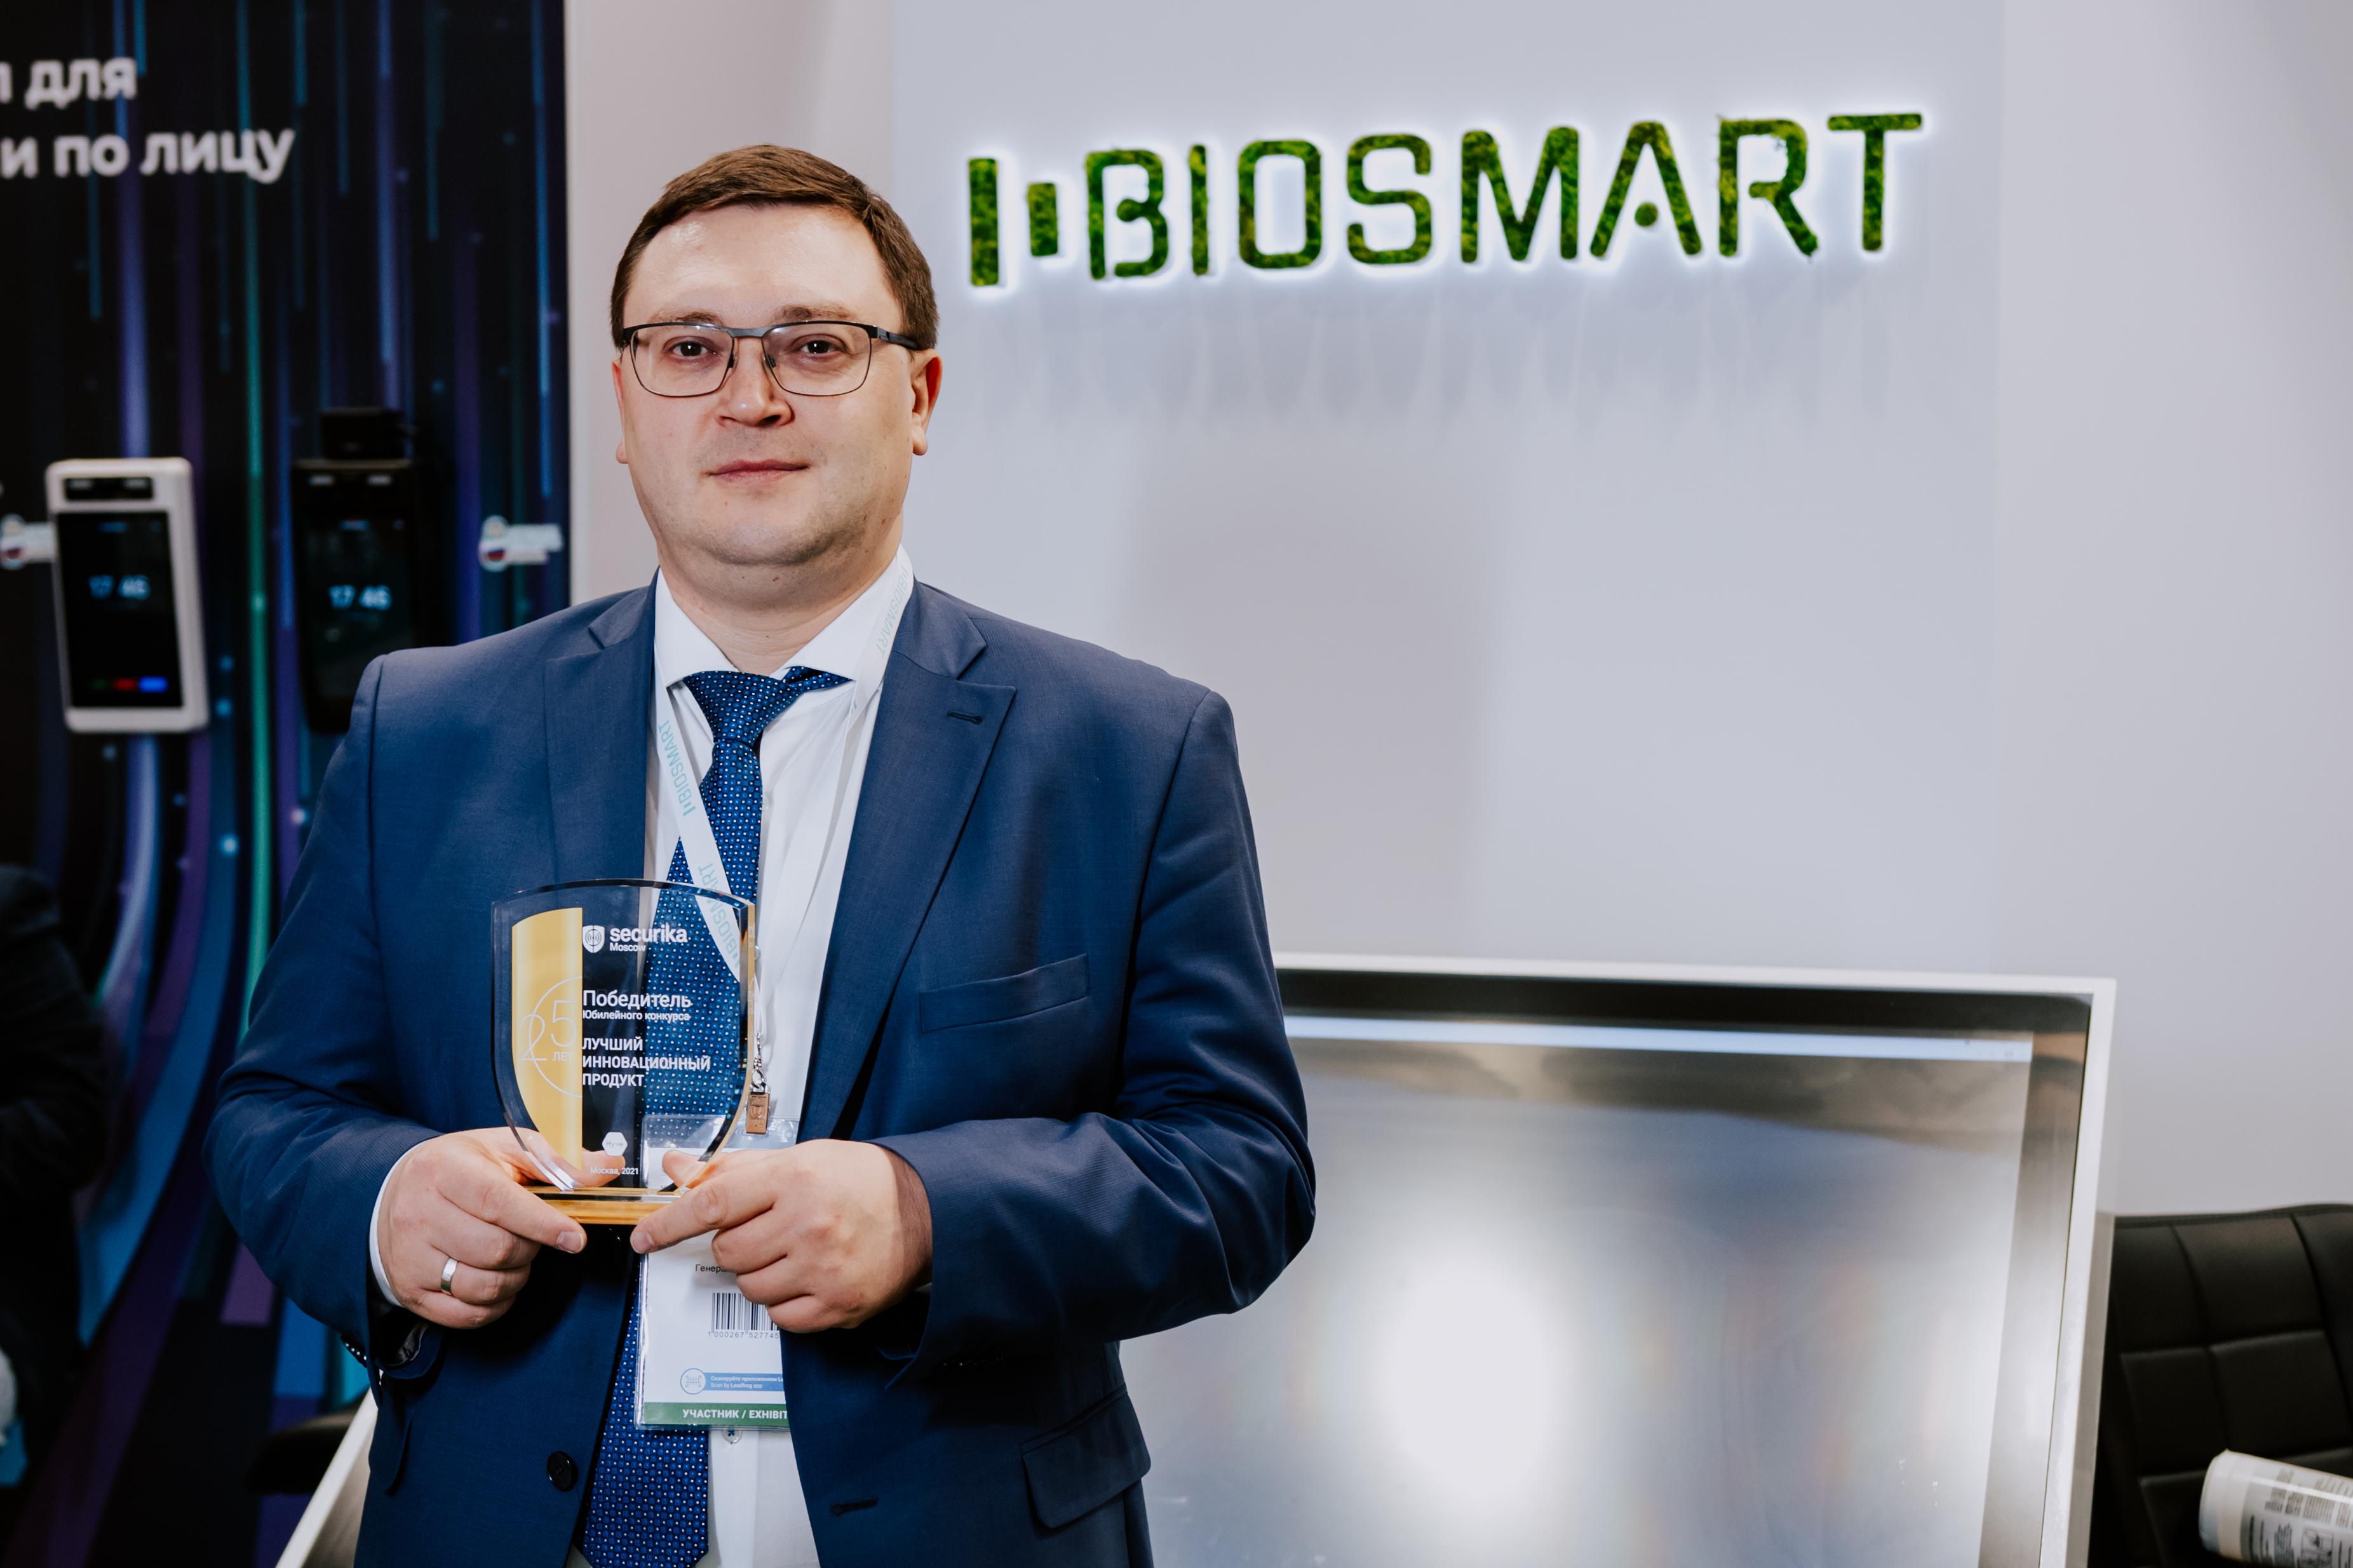 Бесконтактный сканер вен ладони PALMJET признан лучшим инновационным продуктом года на выставке Securika Moscow